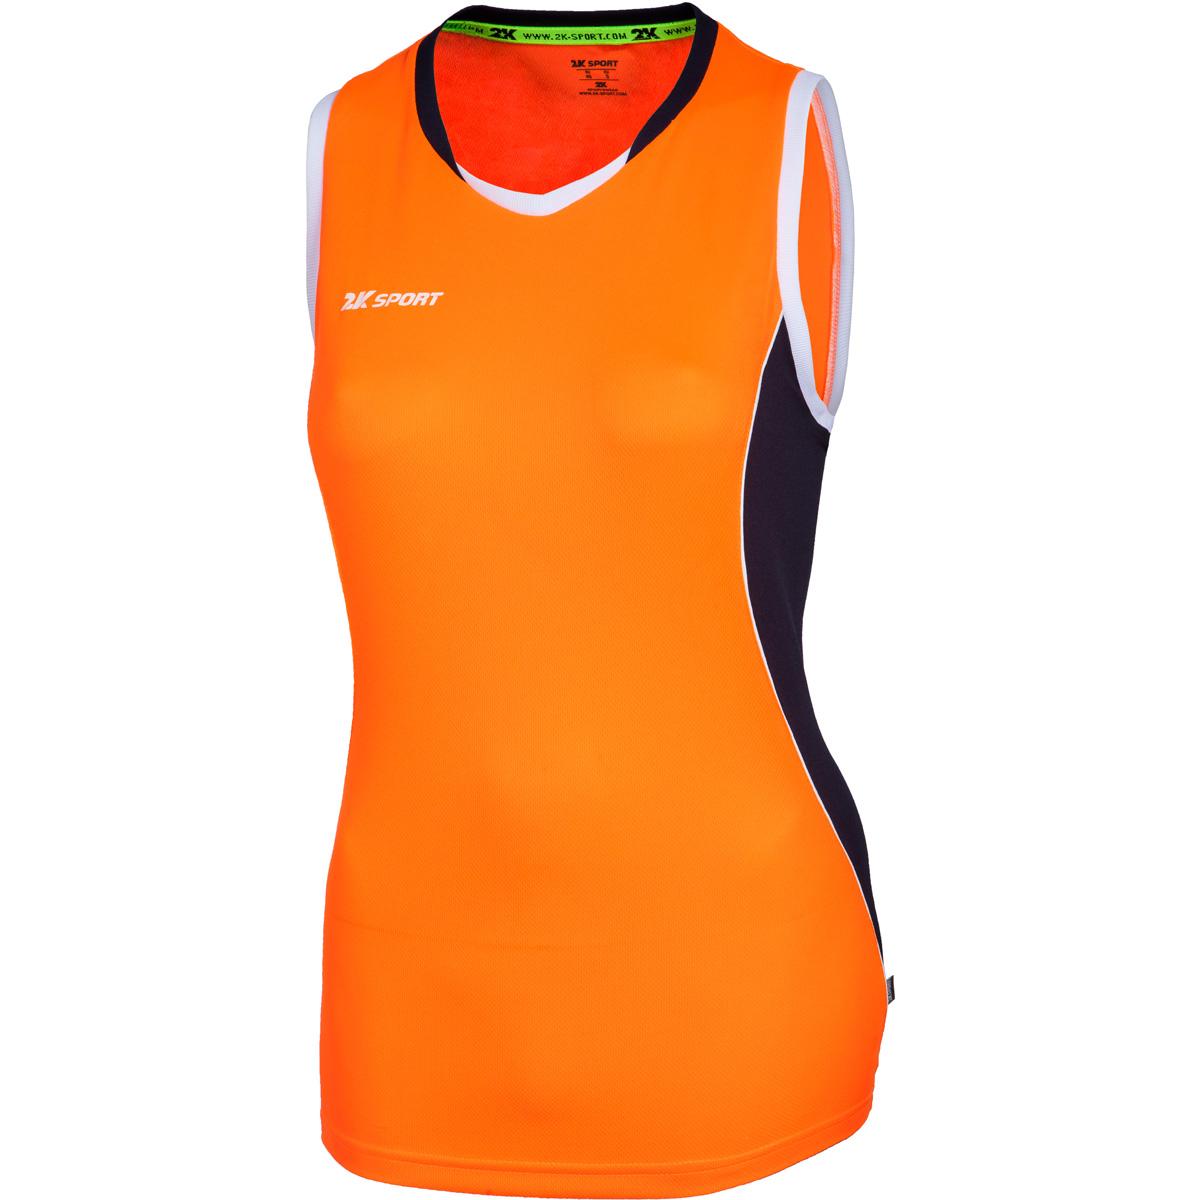 Майка баскетбольная женская 2K Sport Advance, цвет: оранжевый, темно-синий, белый. 130032. Размер XL (48/50)130032_neon-orange/navy/whiteПрофессиональная баскетбольная игровая майка от 2K Sport создана для того, чтобы вам ничего не мешало демонстрировать великолепную игру на паркете против самых грозных соперников. Полуприлегающий силуэт подчеркивает женственную фигуру и обеспечивает комфорт во время движения. Оригинальные цветовые решения для красивых побед.